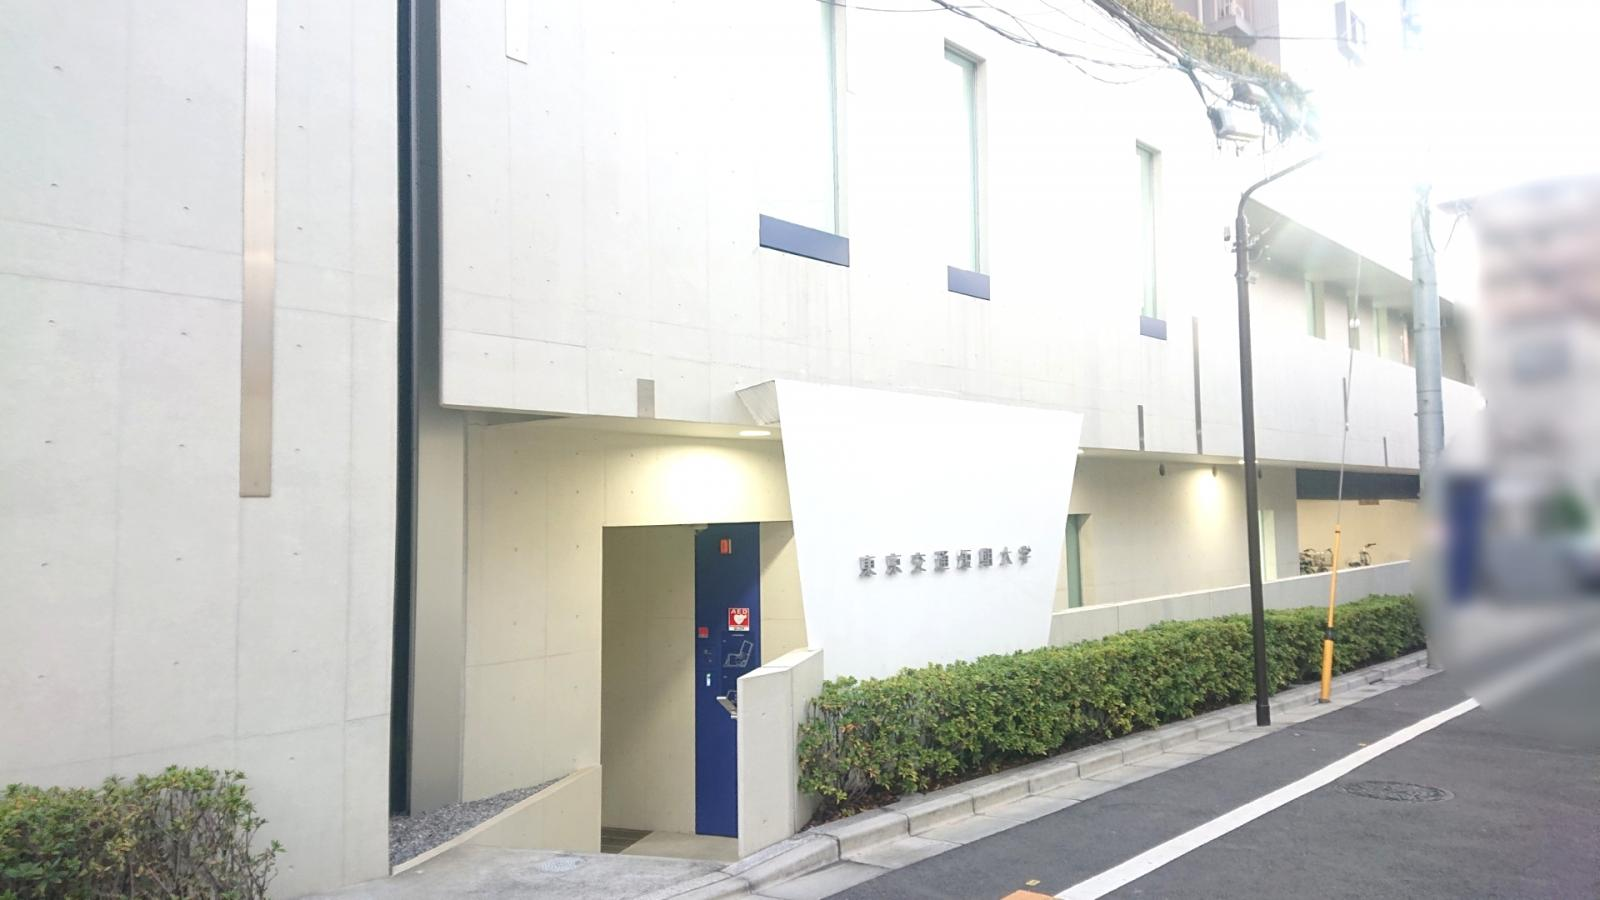 東京交通短期大学